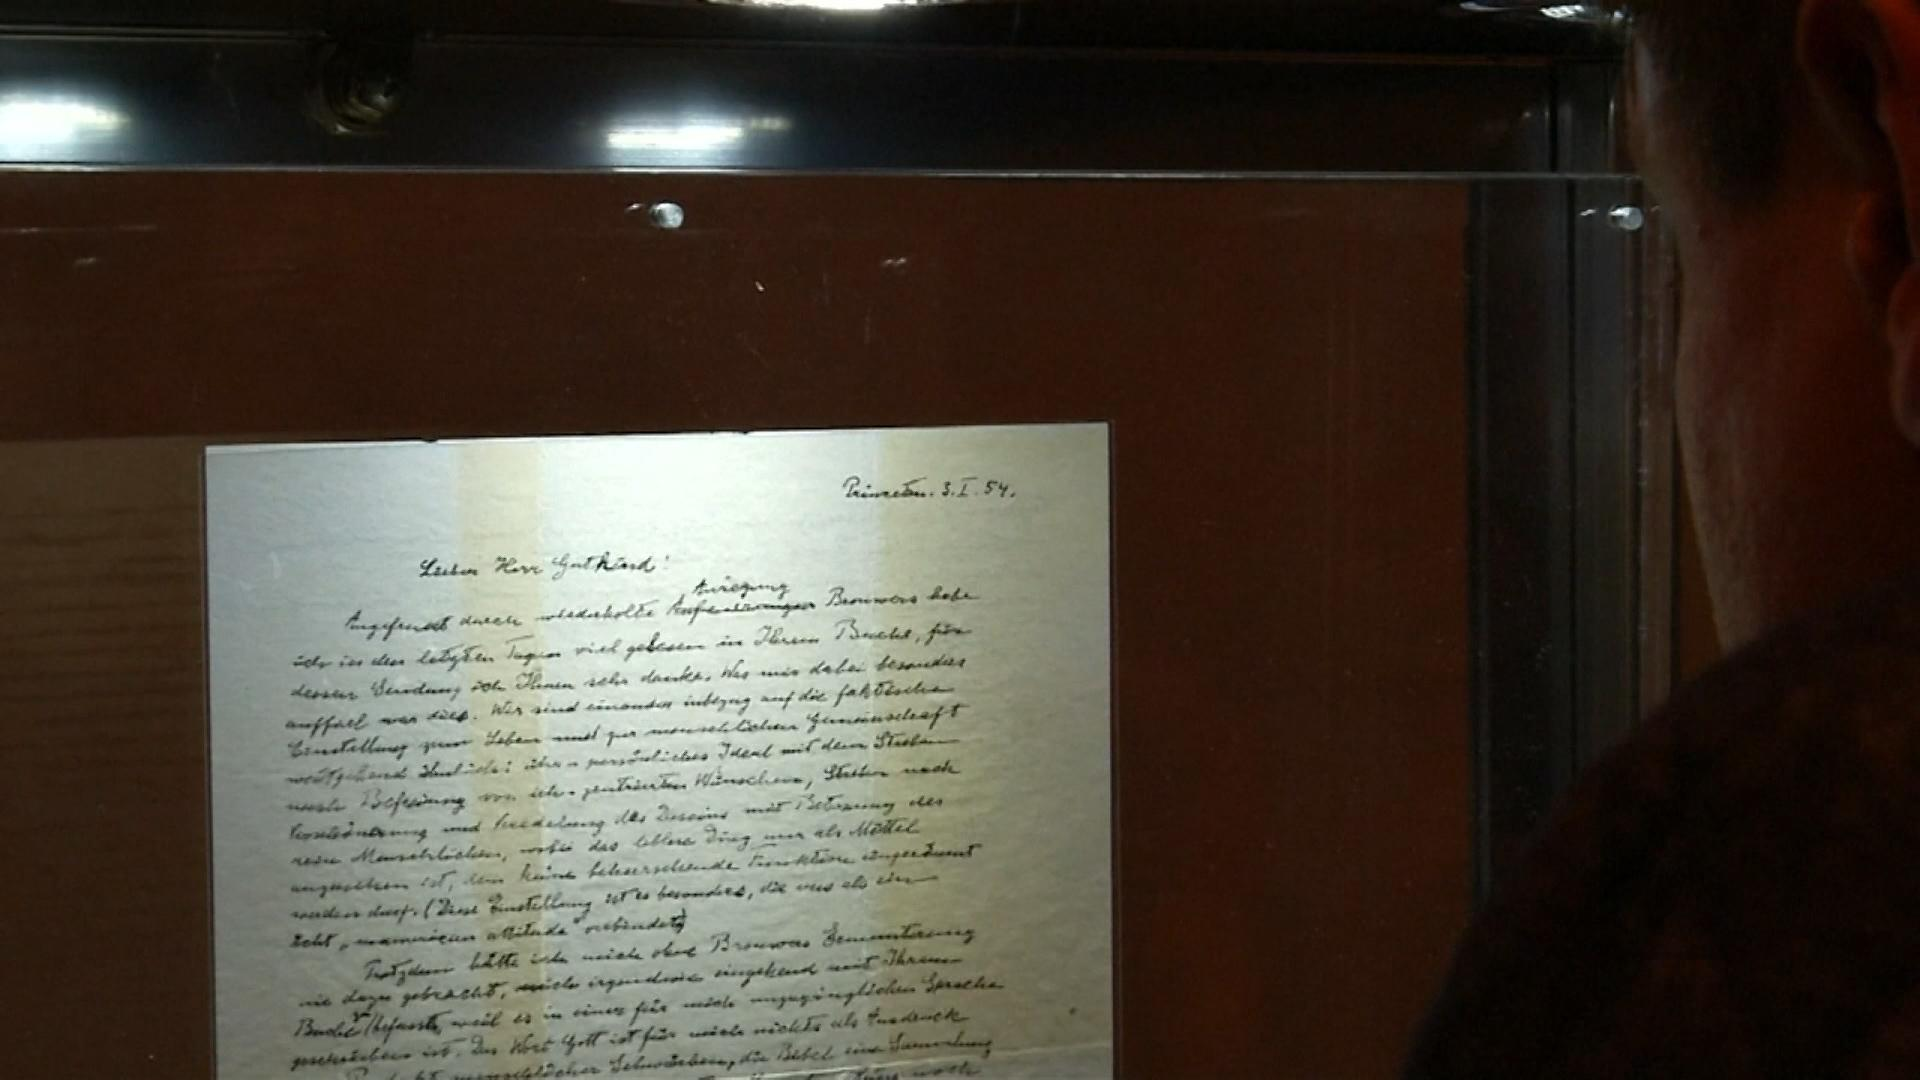 Einsteins Brief von 1954, in dem er sein Verständnis von Gott und Religion beschreibt.